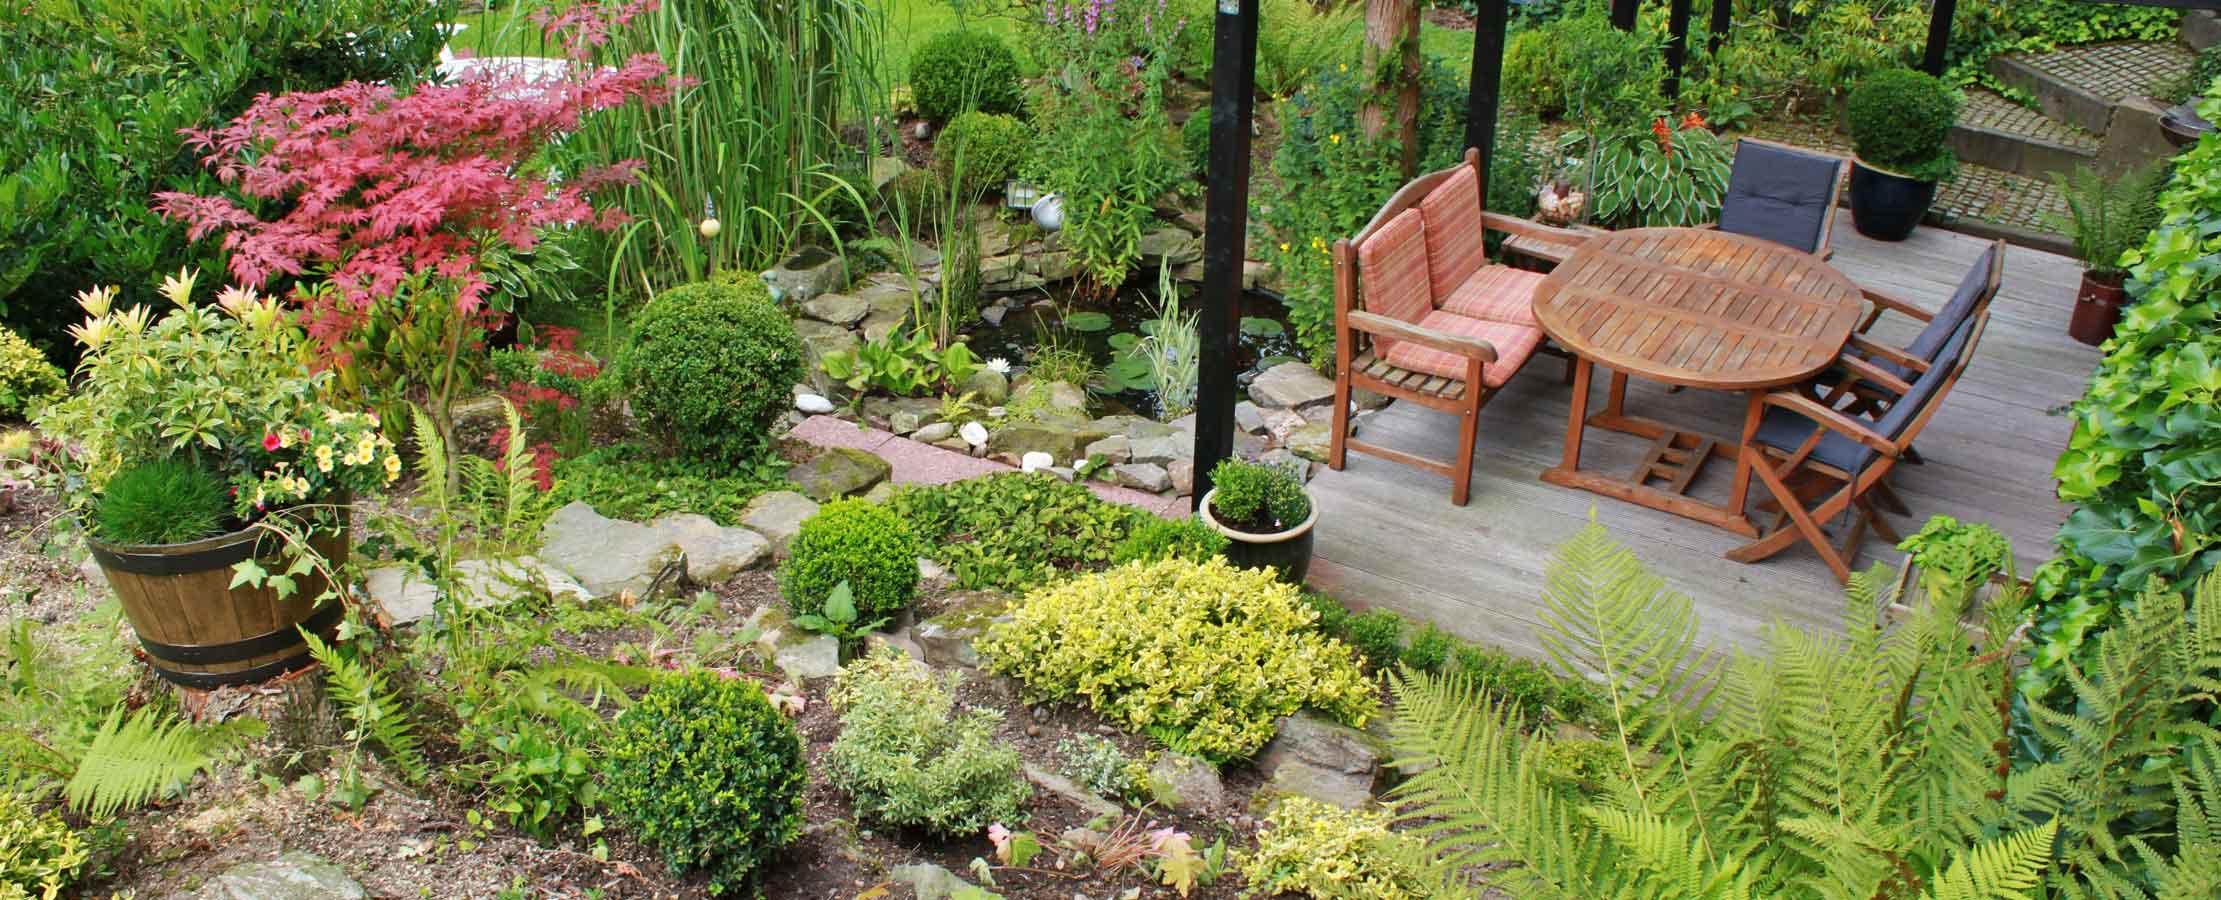 Kleiner Garten mit tolle ideen für ihr wohnideen